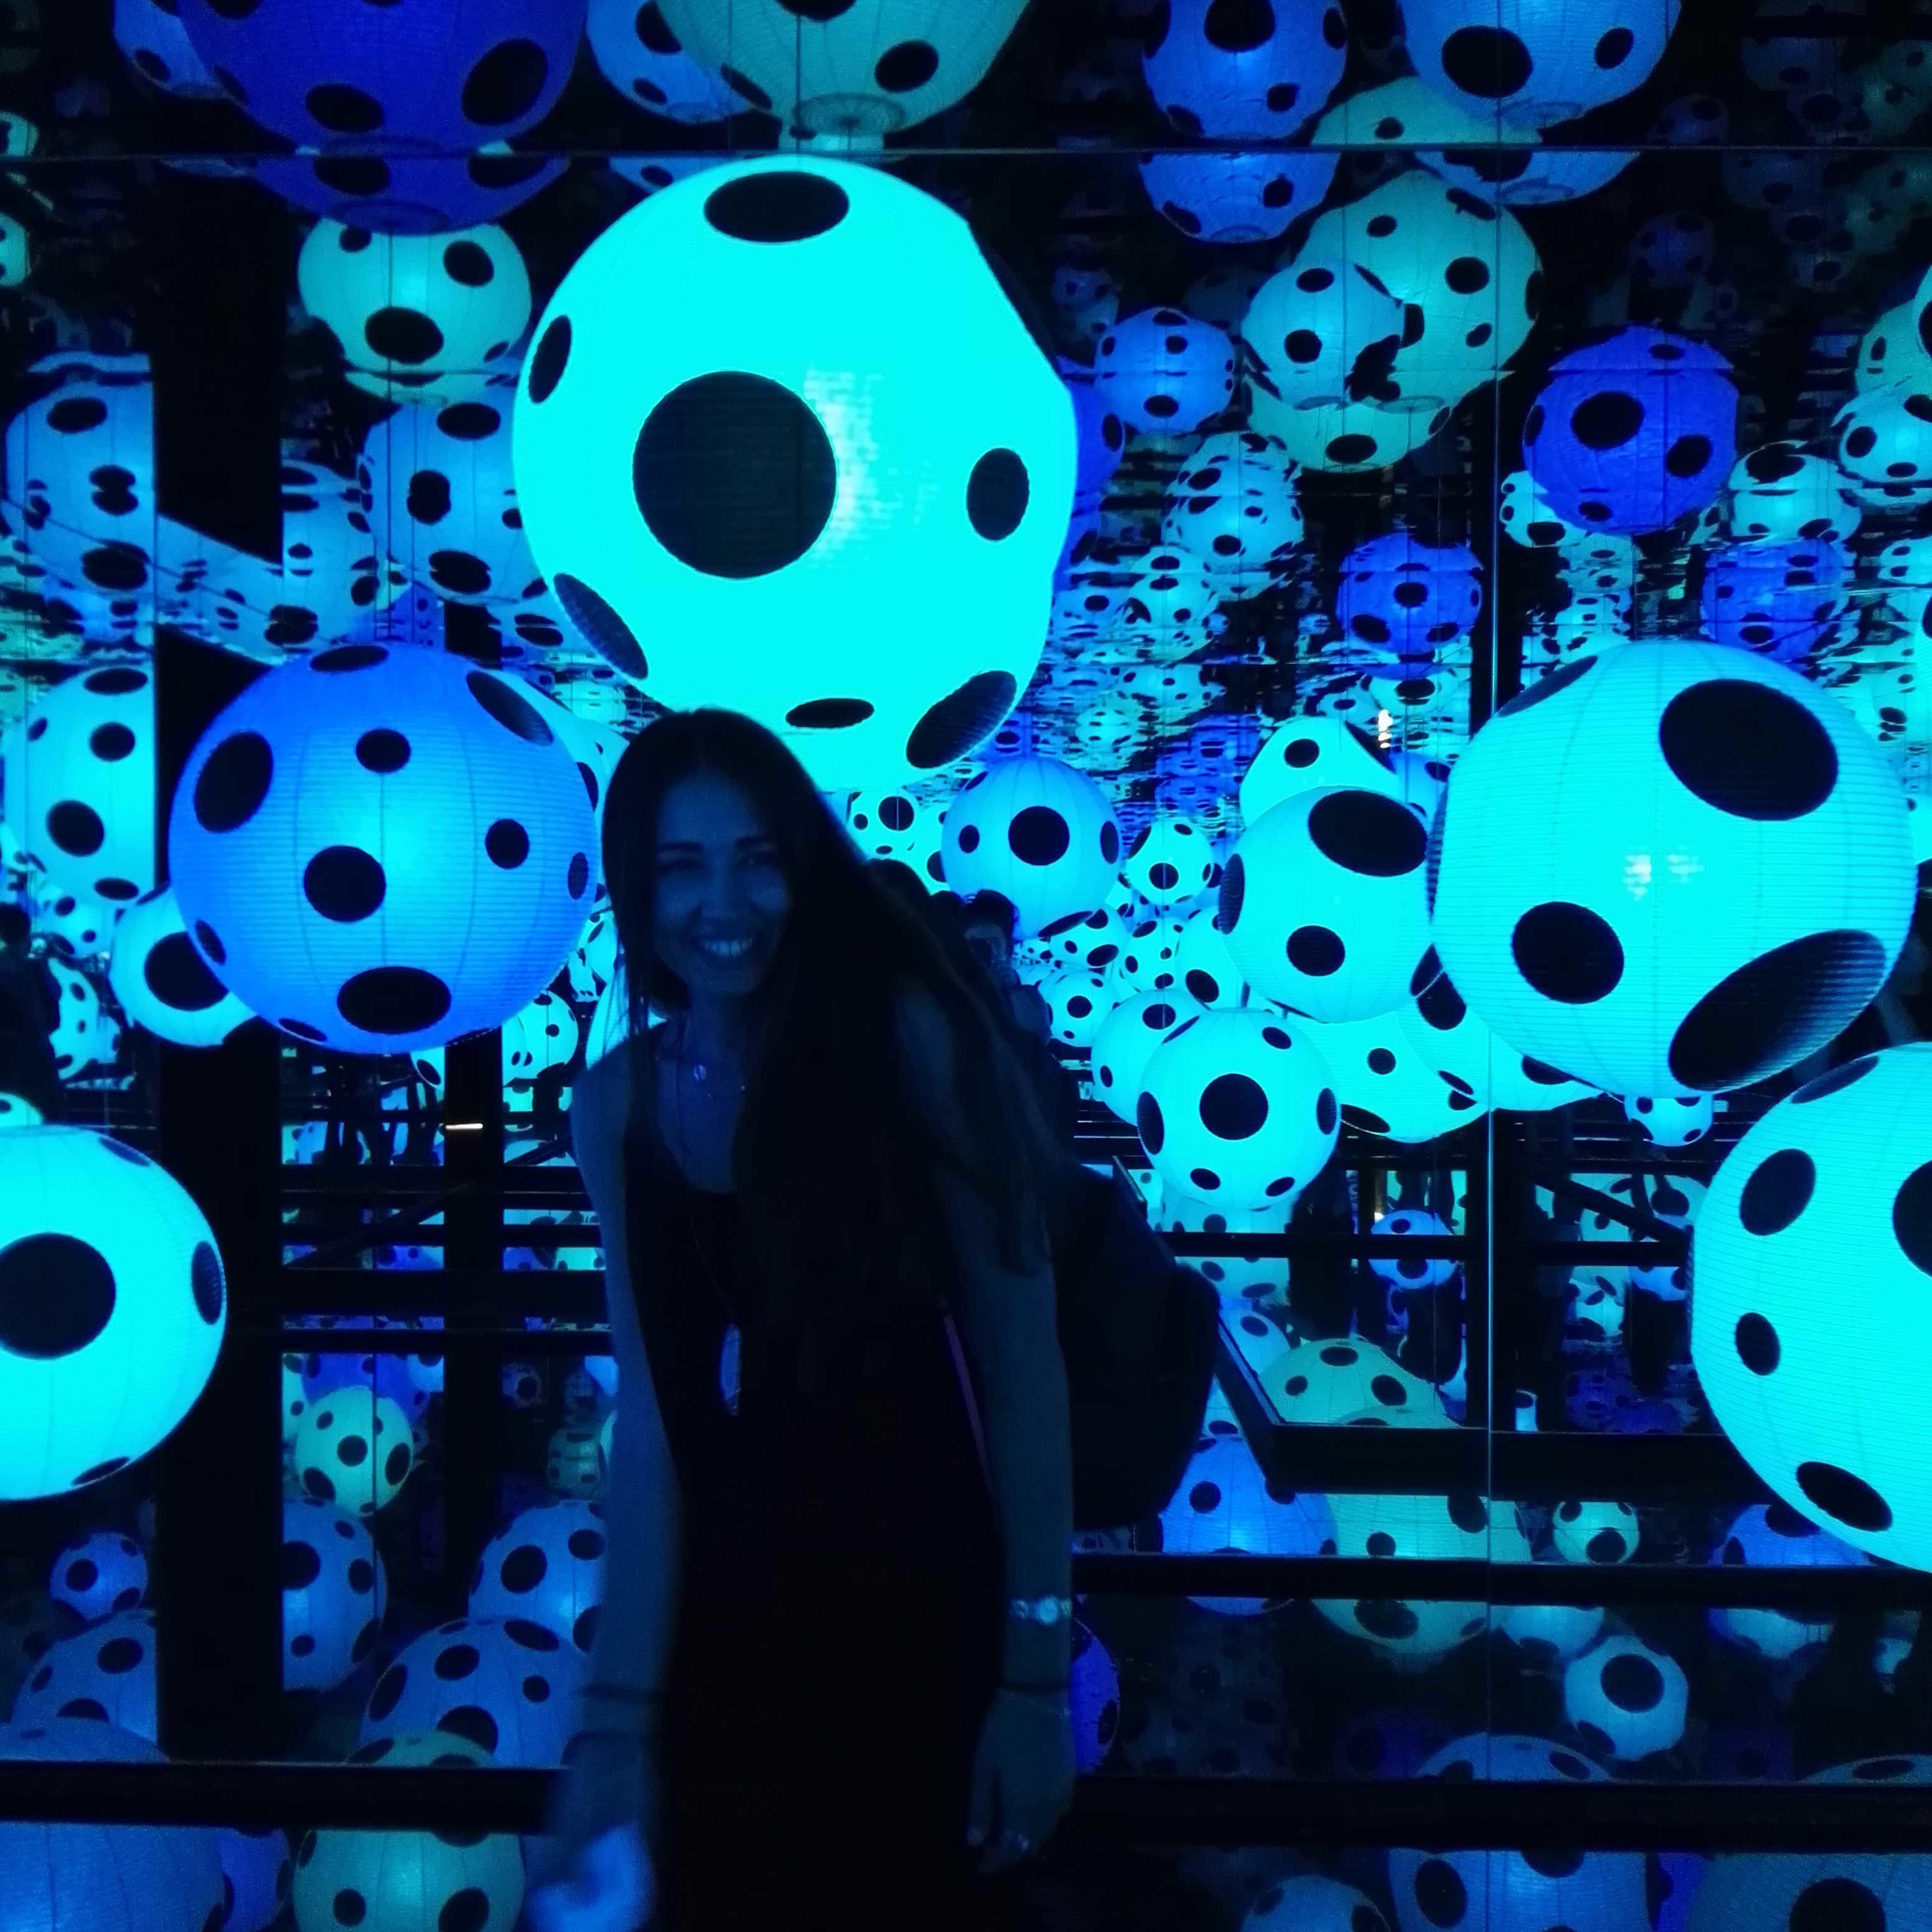 Visit Yayoi Kusama exhibition